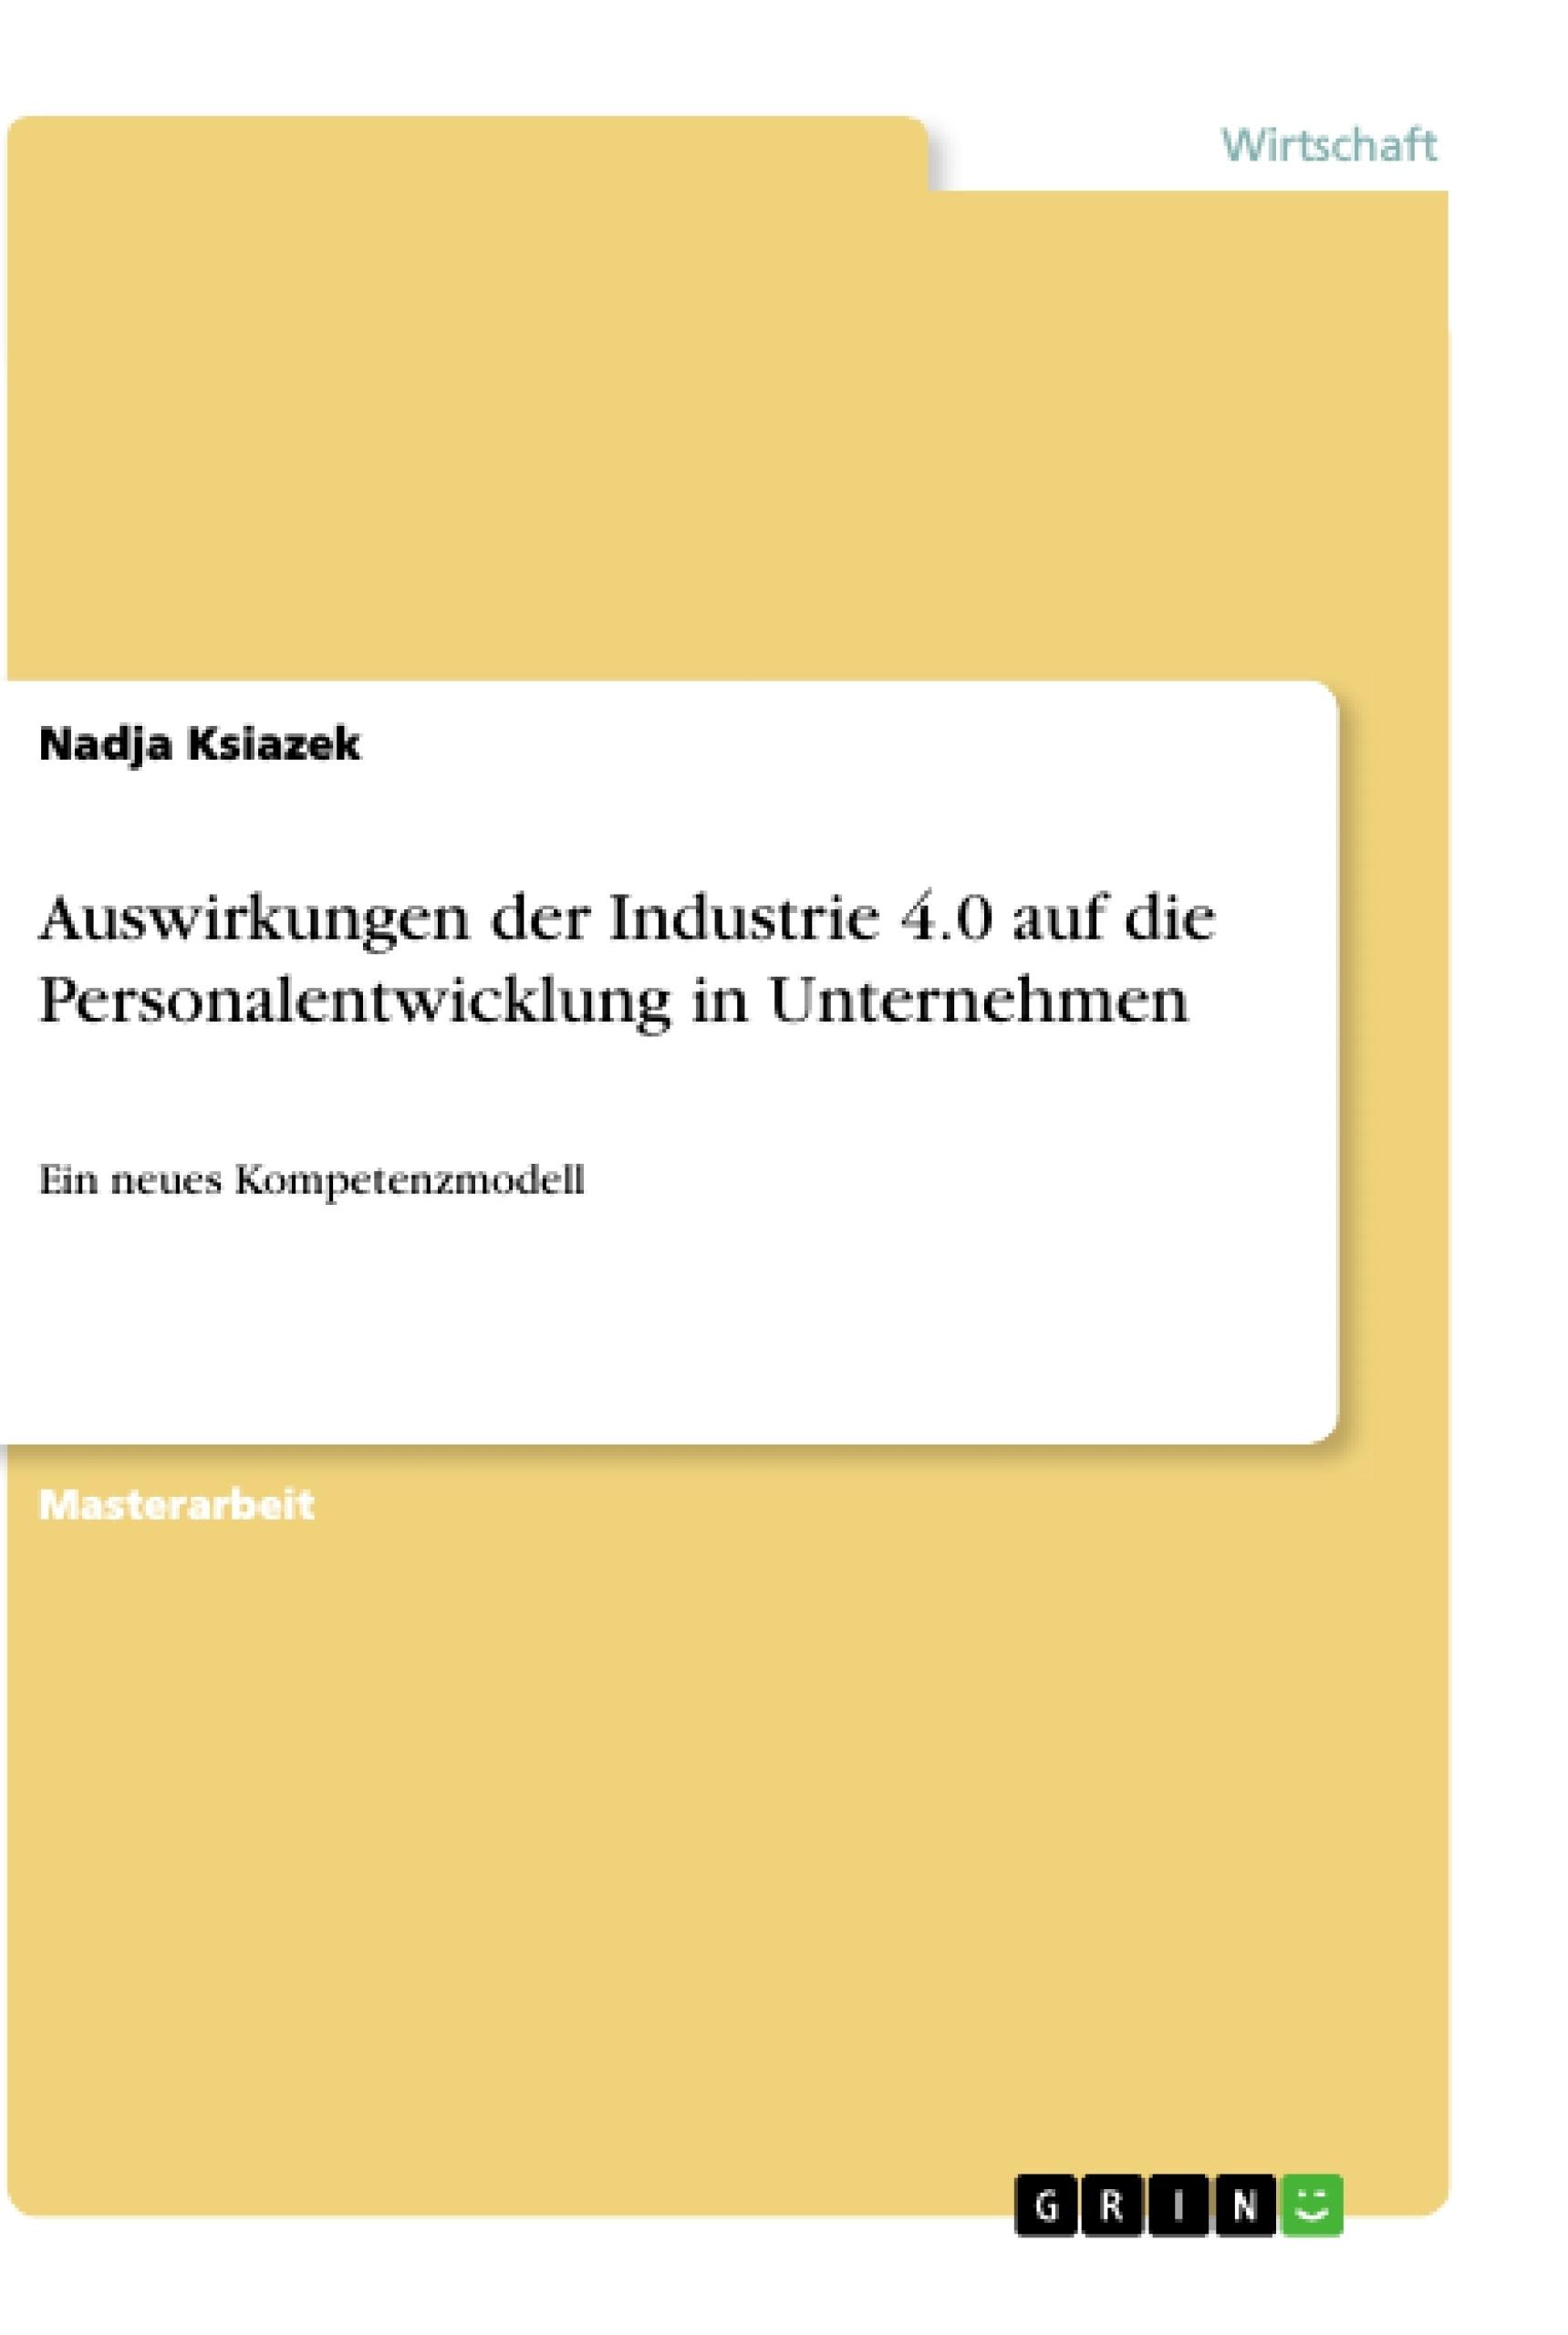 Titel: Auswirkungen der Industrie 4.0 auf die Personalentwicklung in Unternehmen